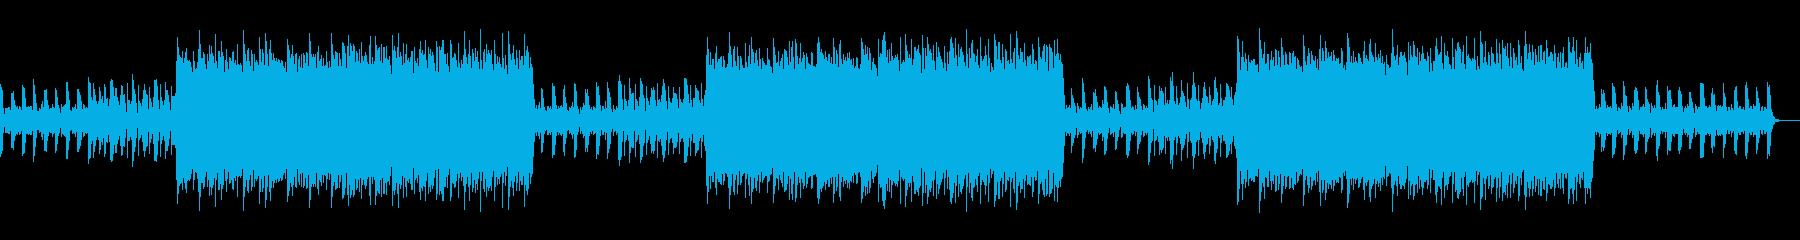 平和で牧歌的なヒップホップBGMの再生済みの波形